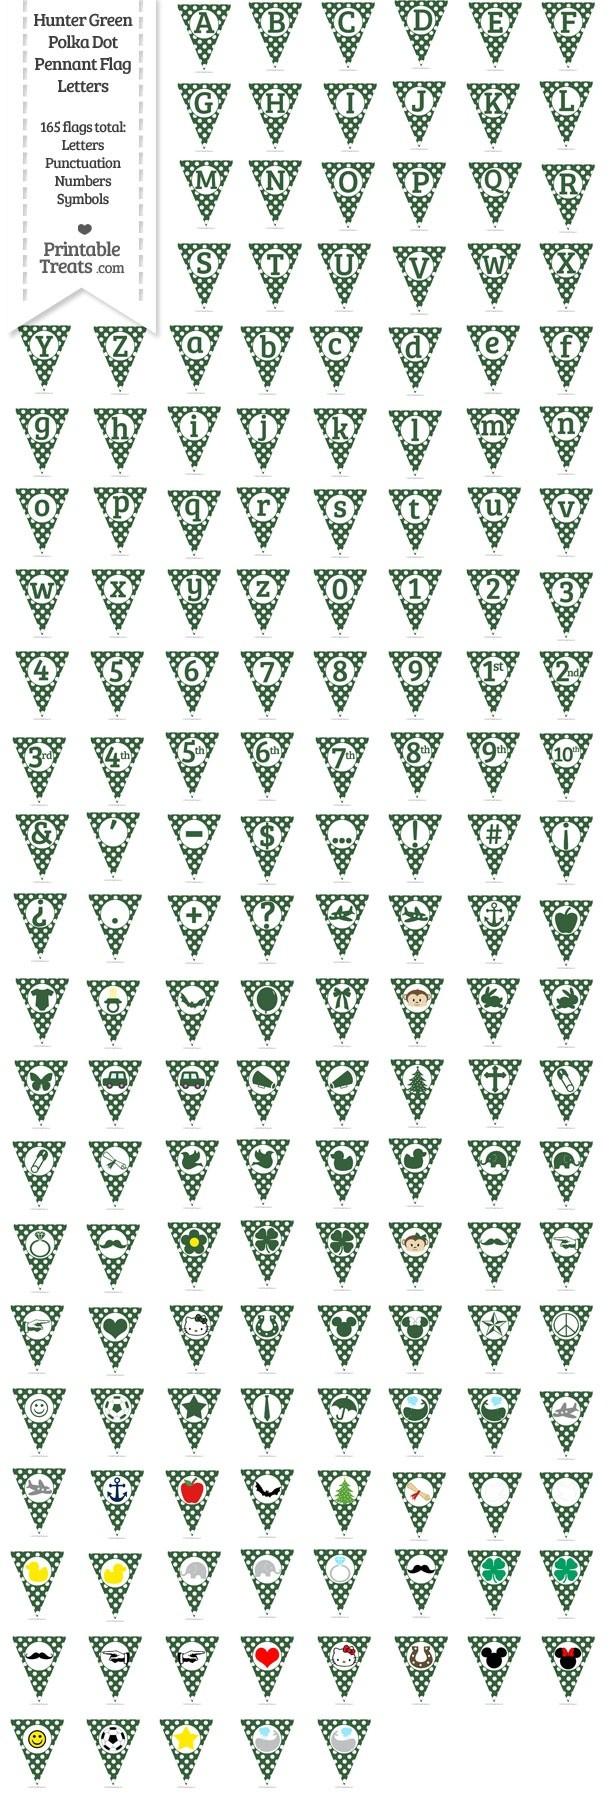 165 Hunter Green Polka Dot Pennant Flag Letters Password